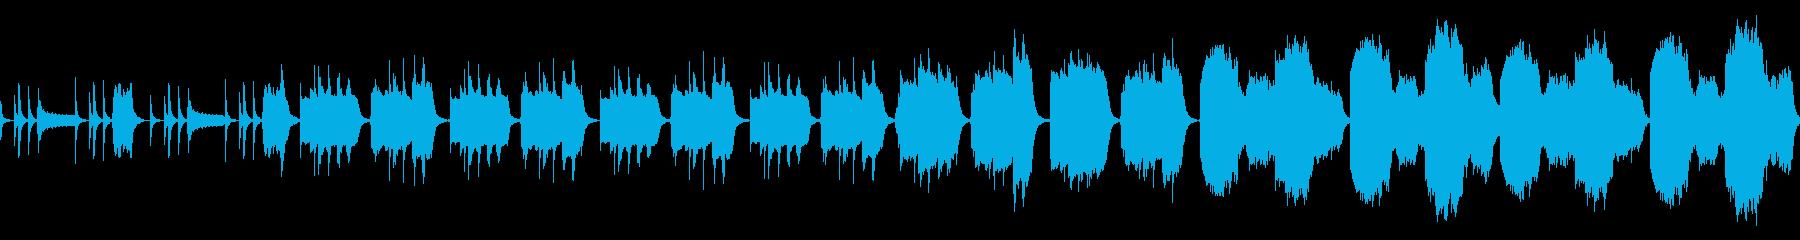 ゆったり、ほのぼの、少しマヌケなBGMの再生済みの波形